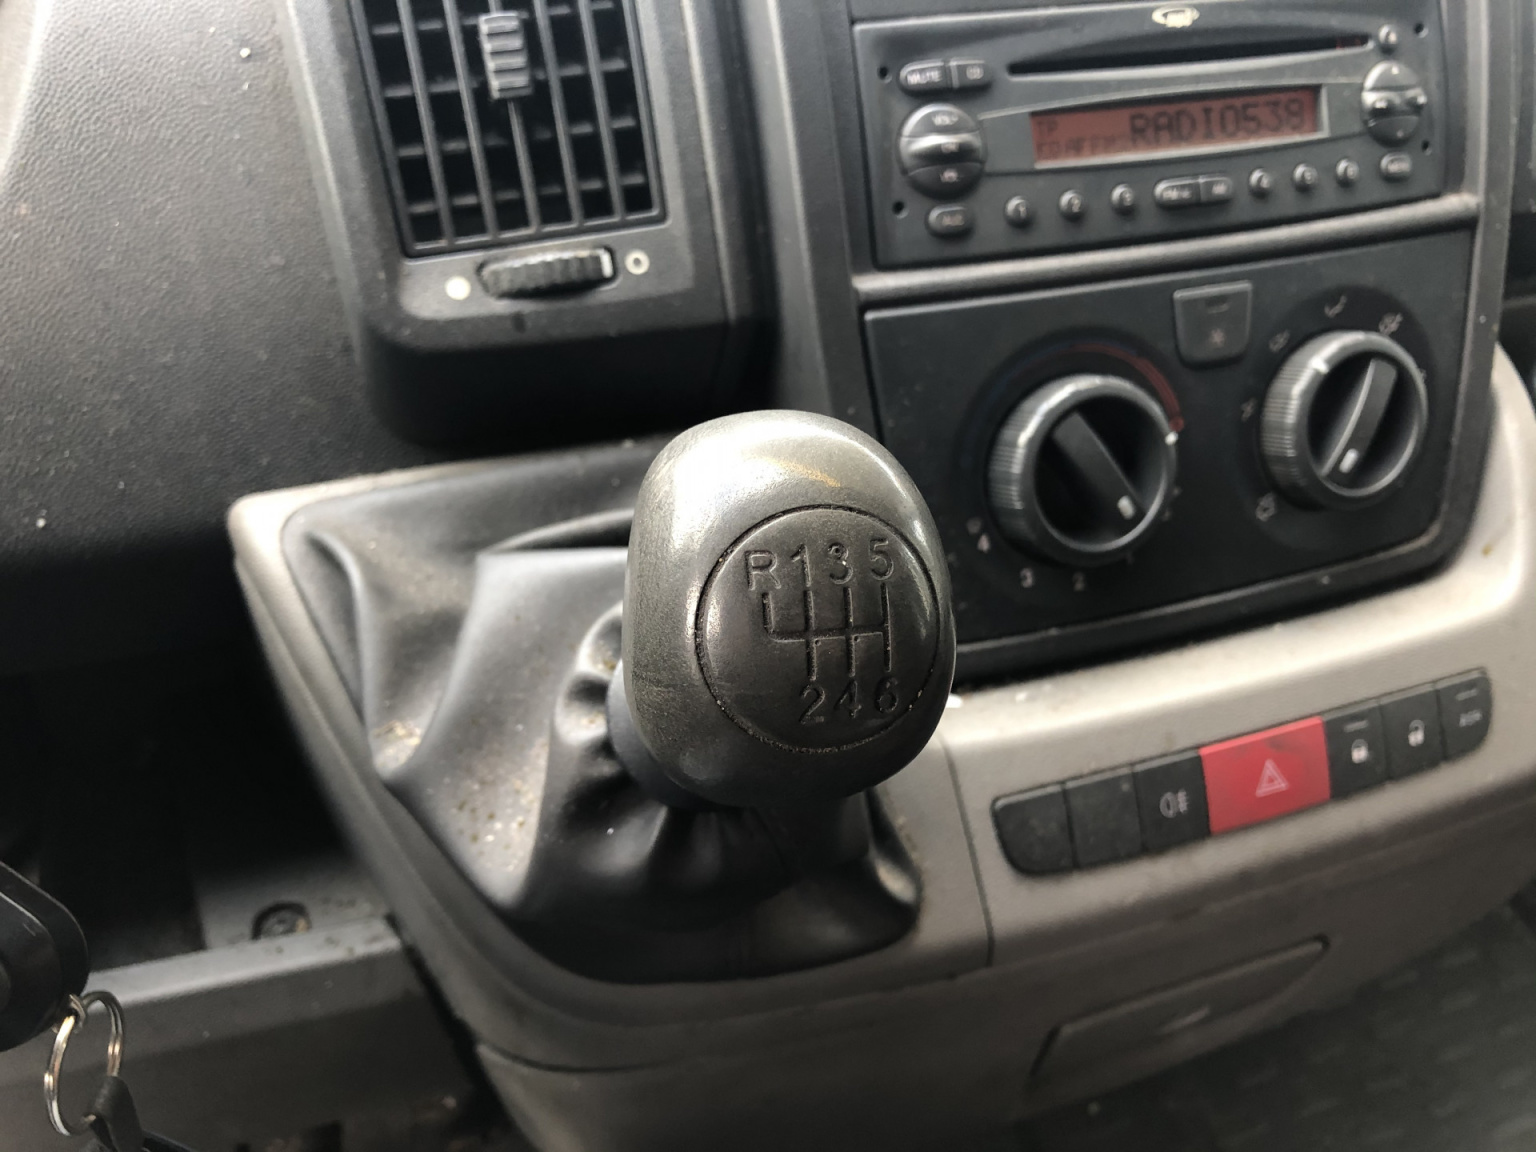 Fiat-Ducato-14